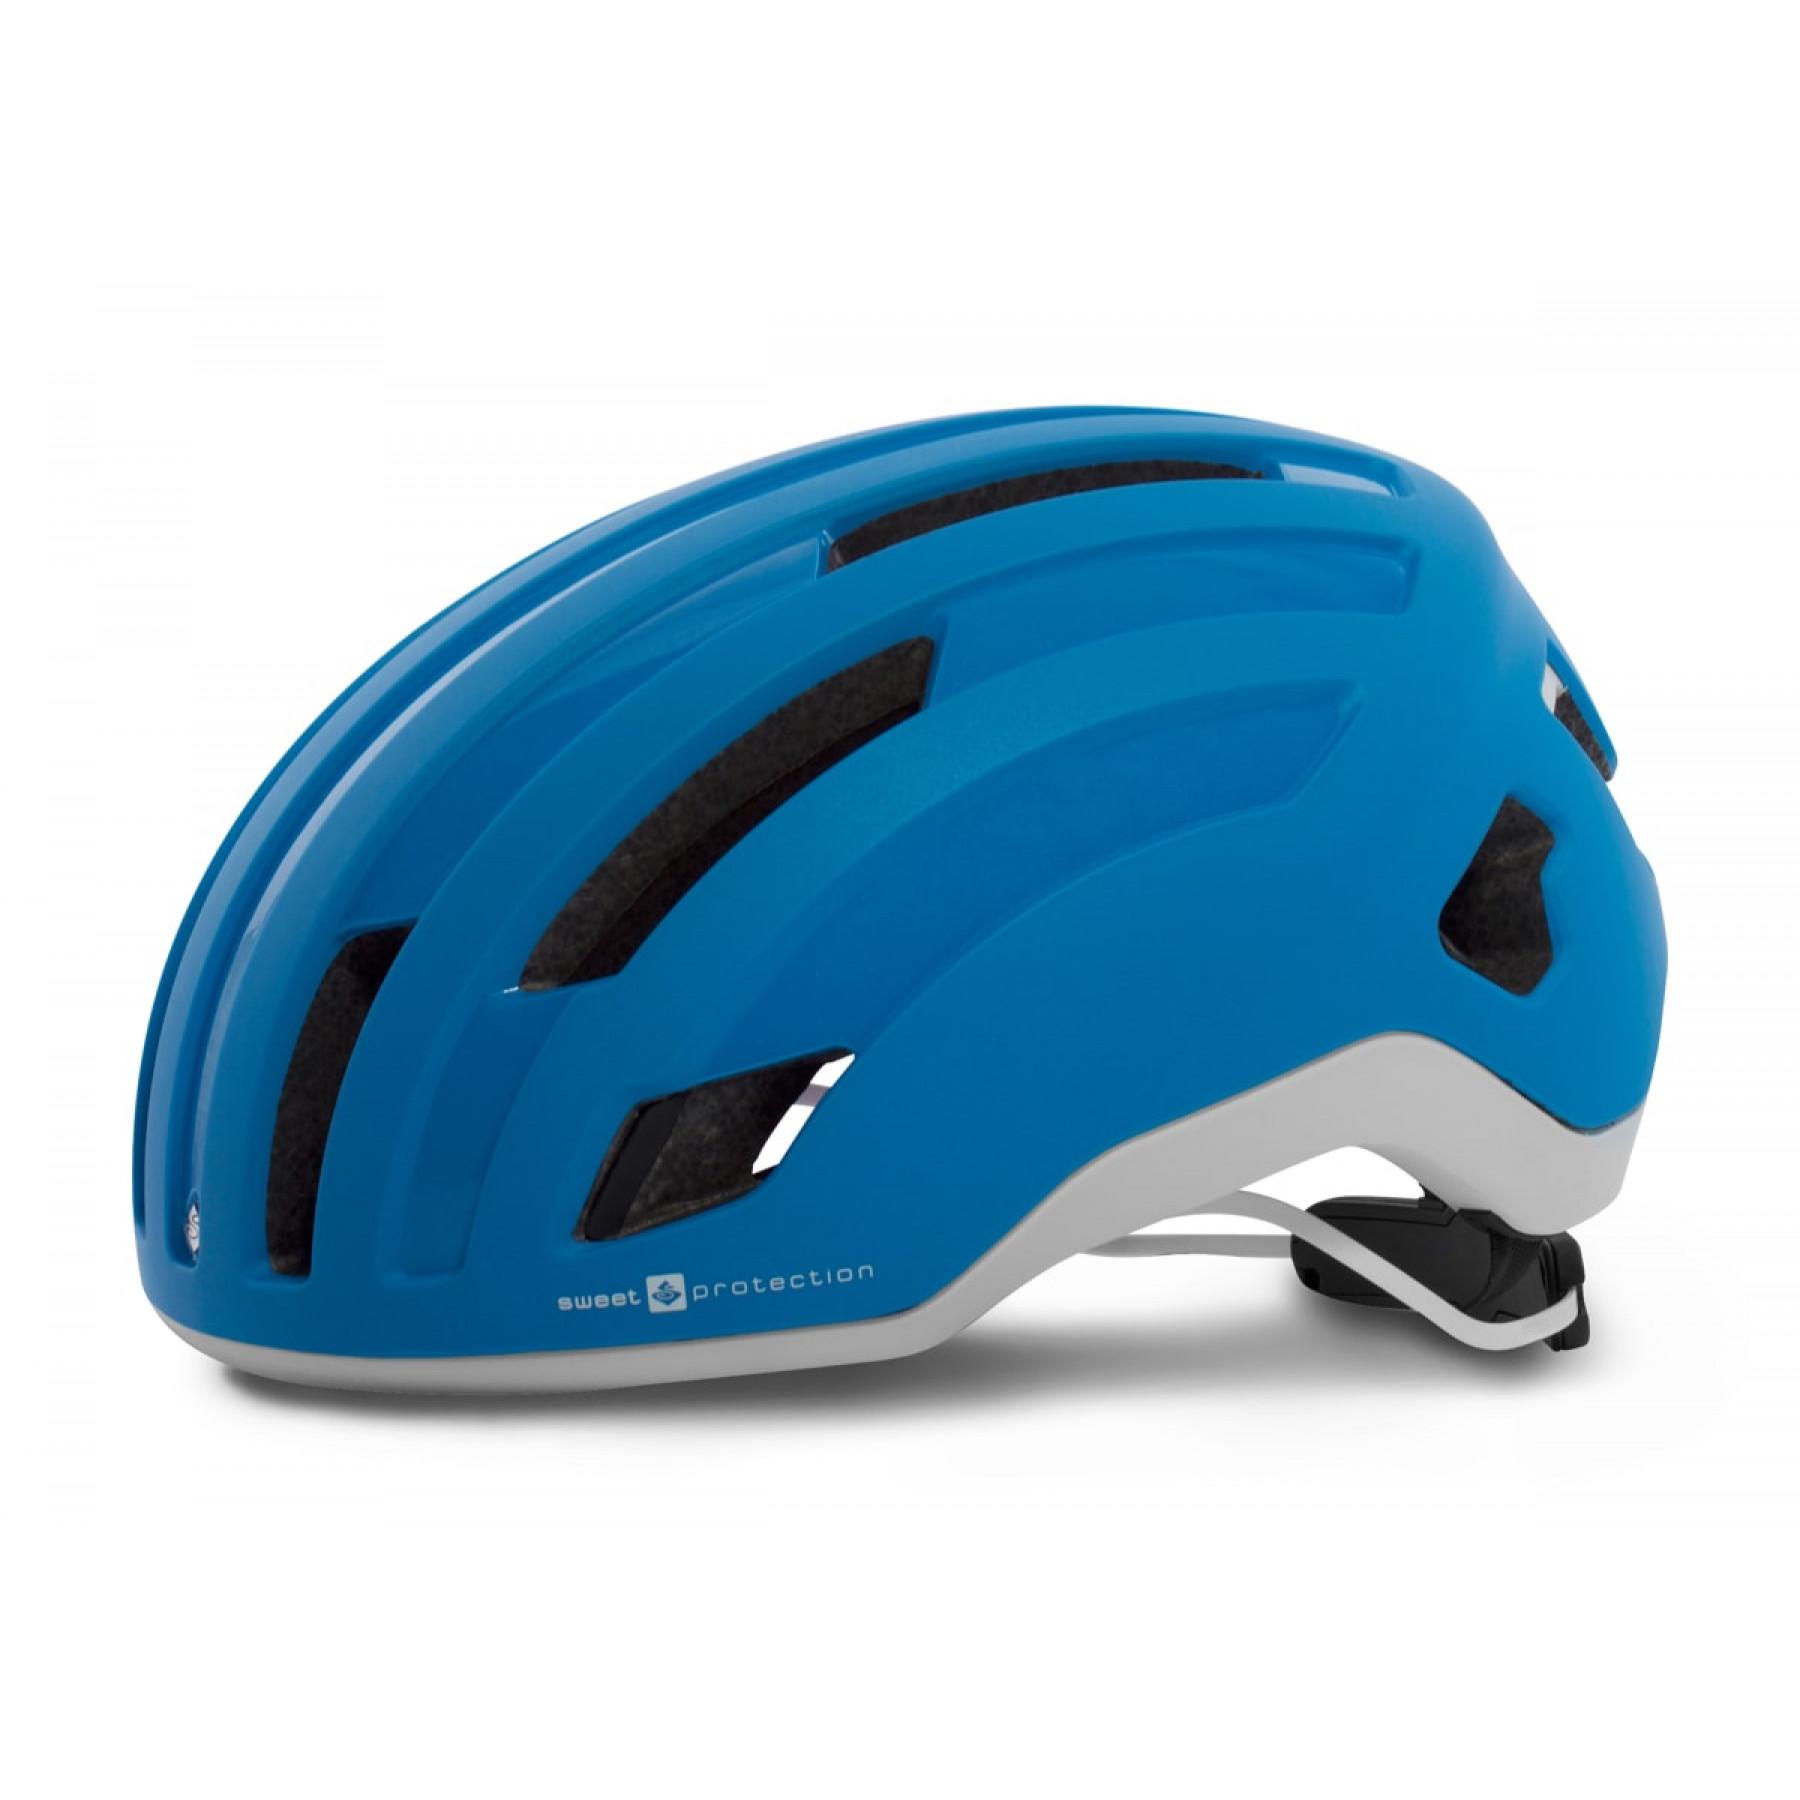 kjøp kari traa hjelm lillestrøm